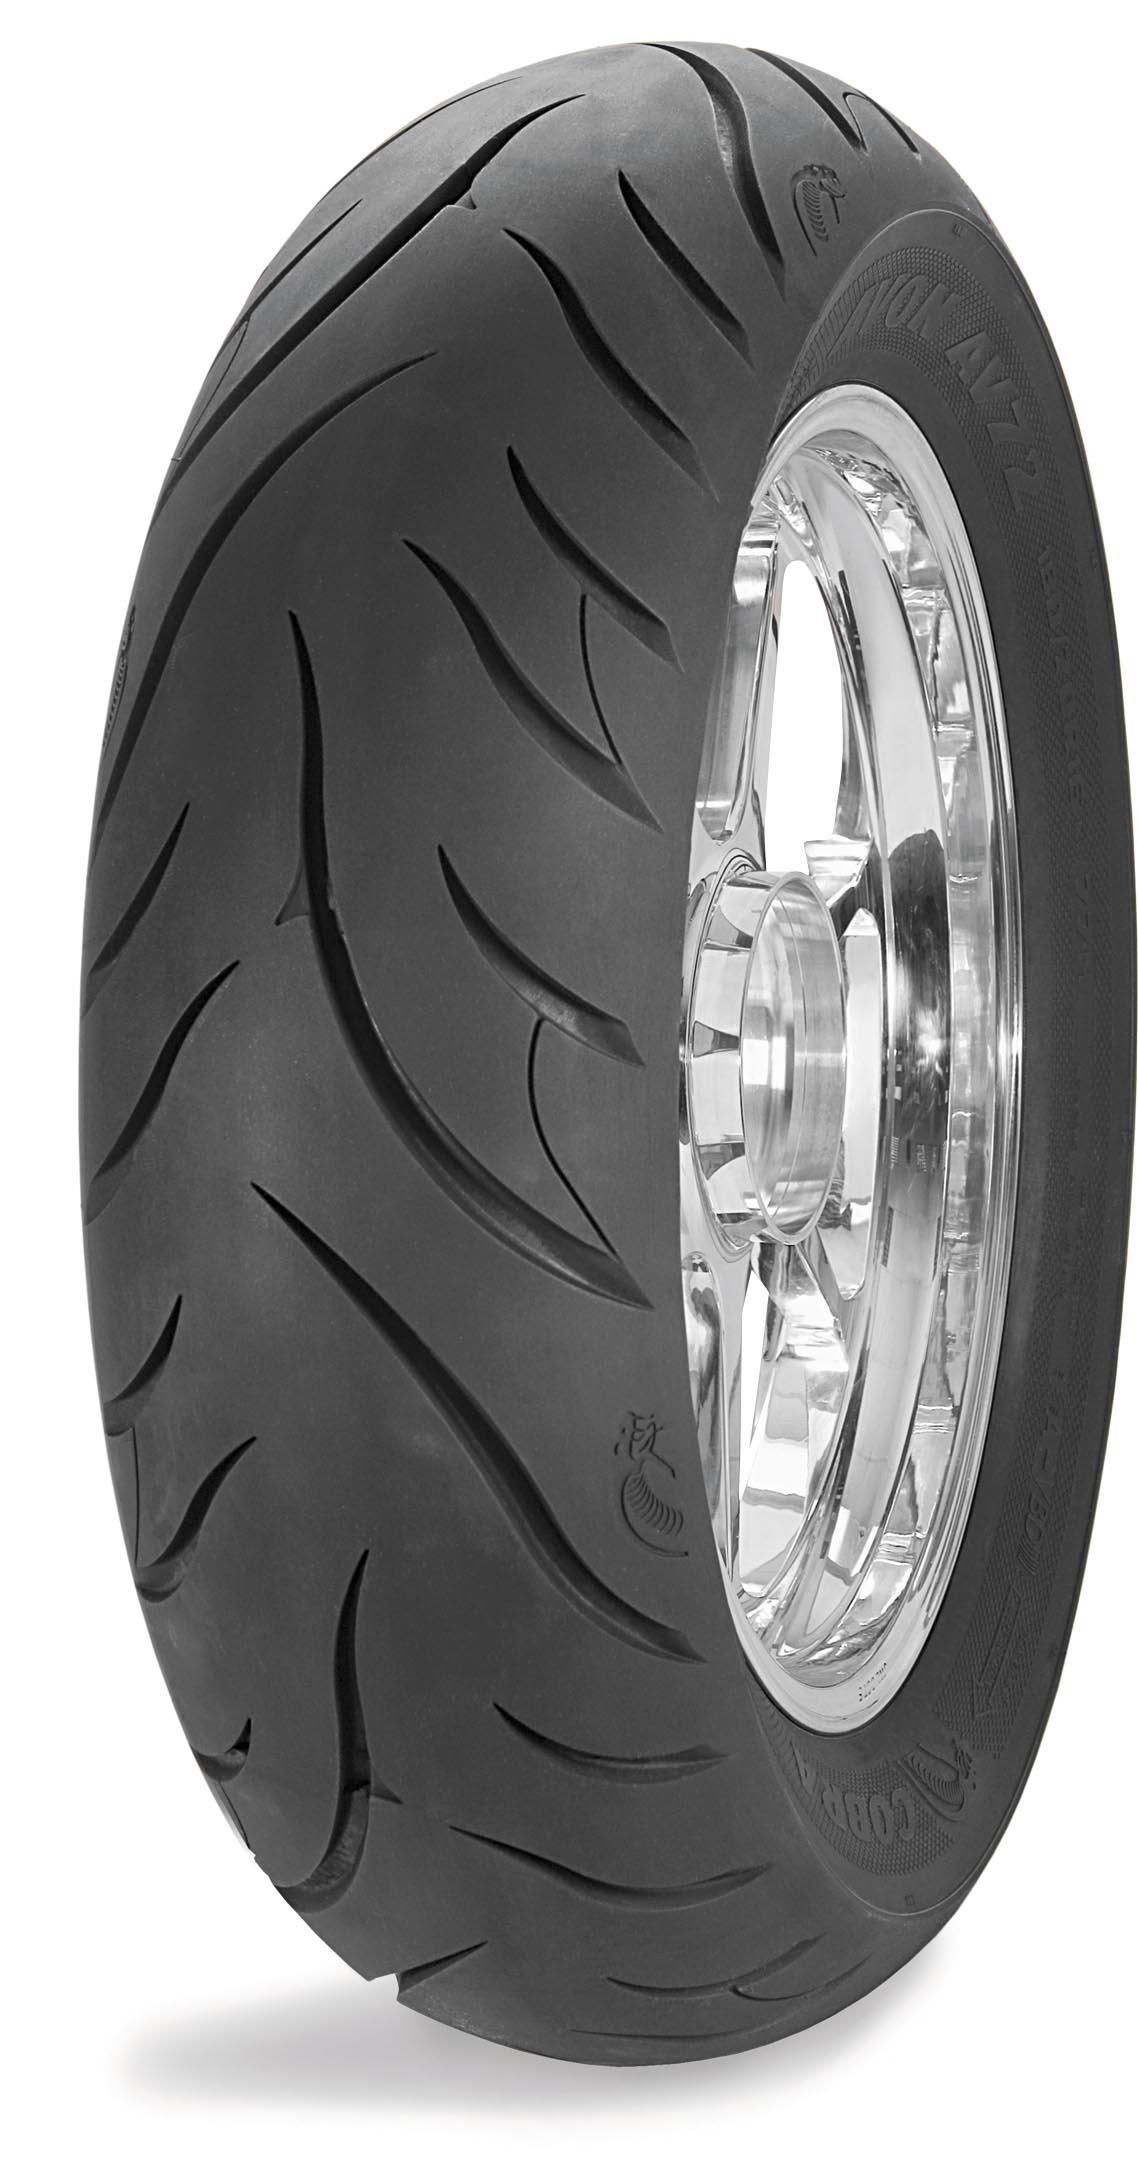 Cobra Tires